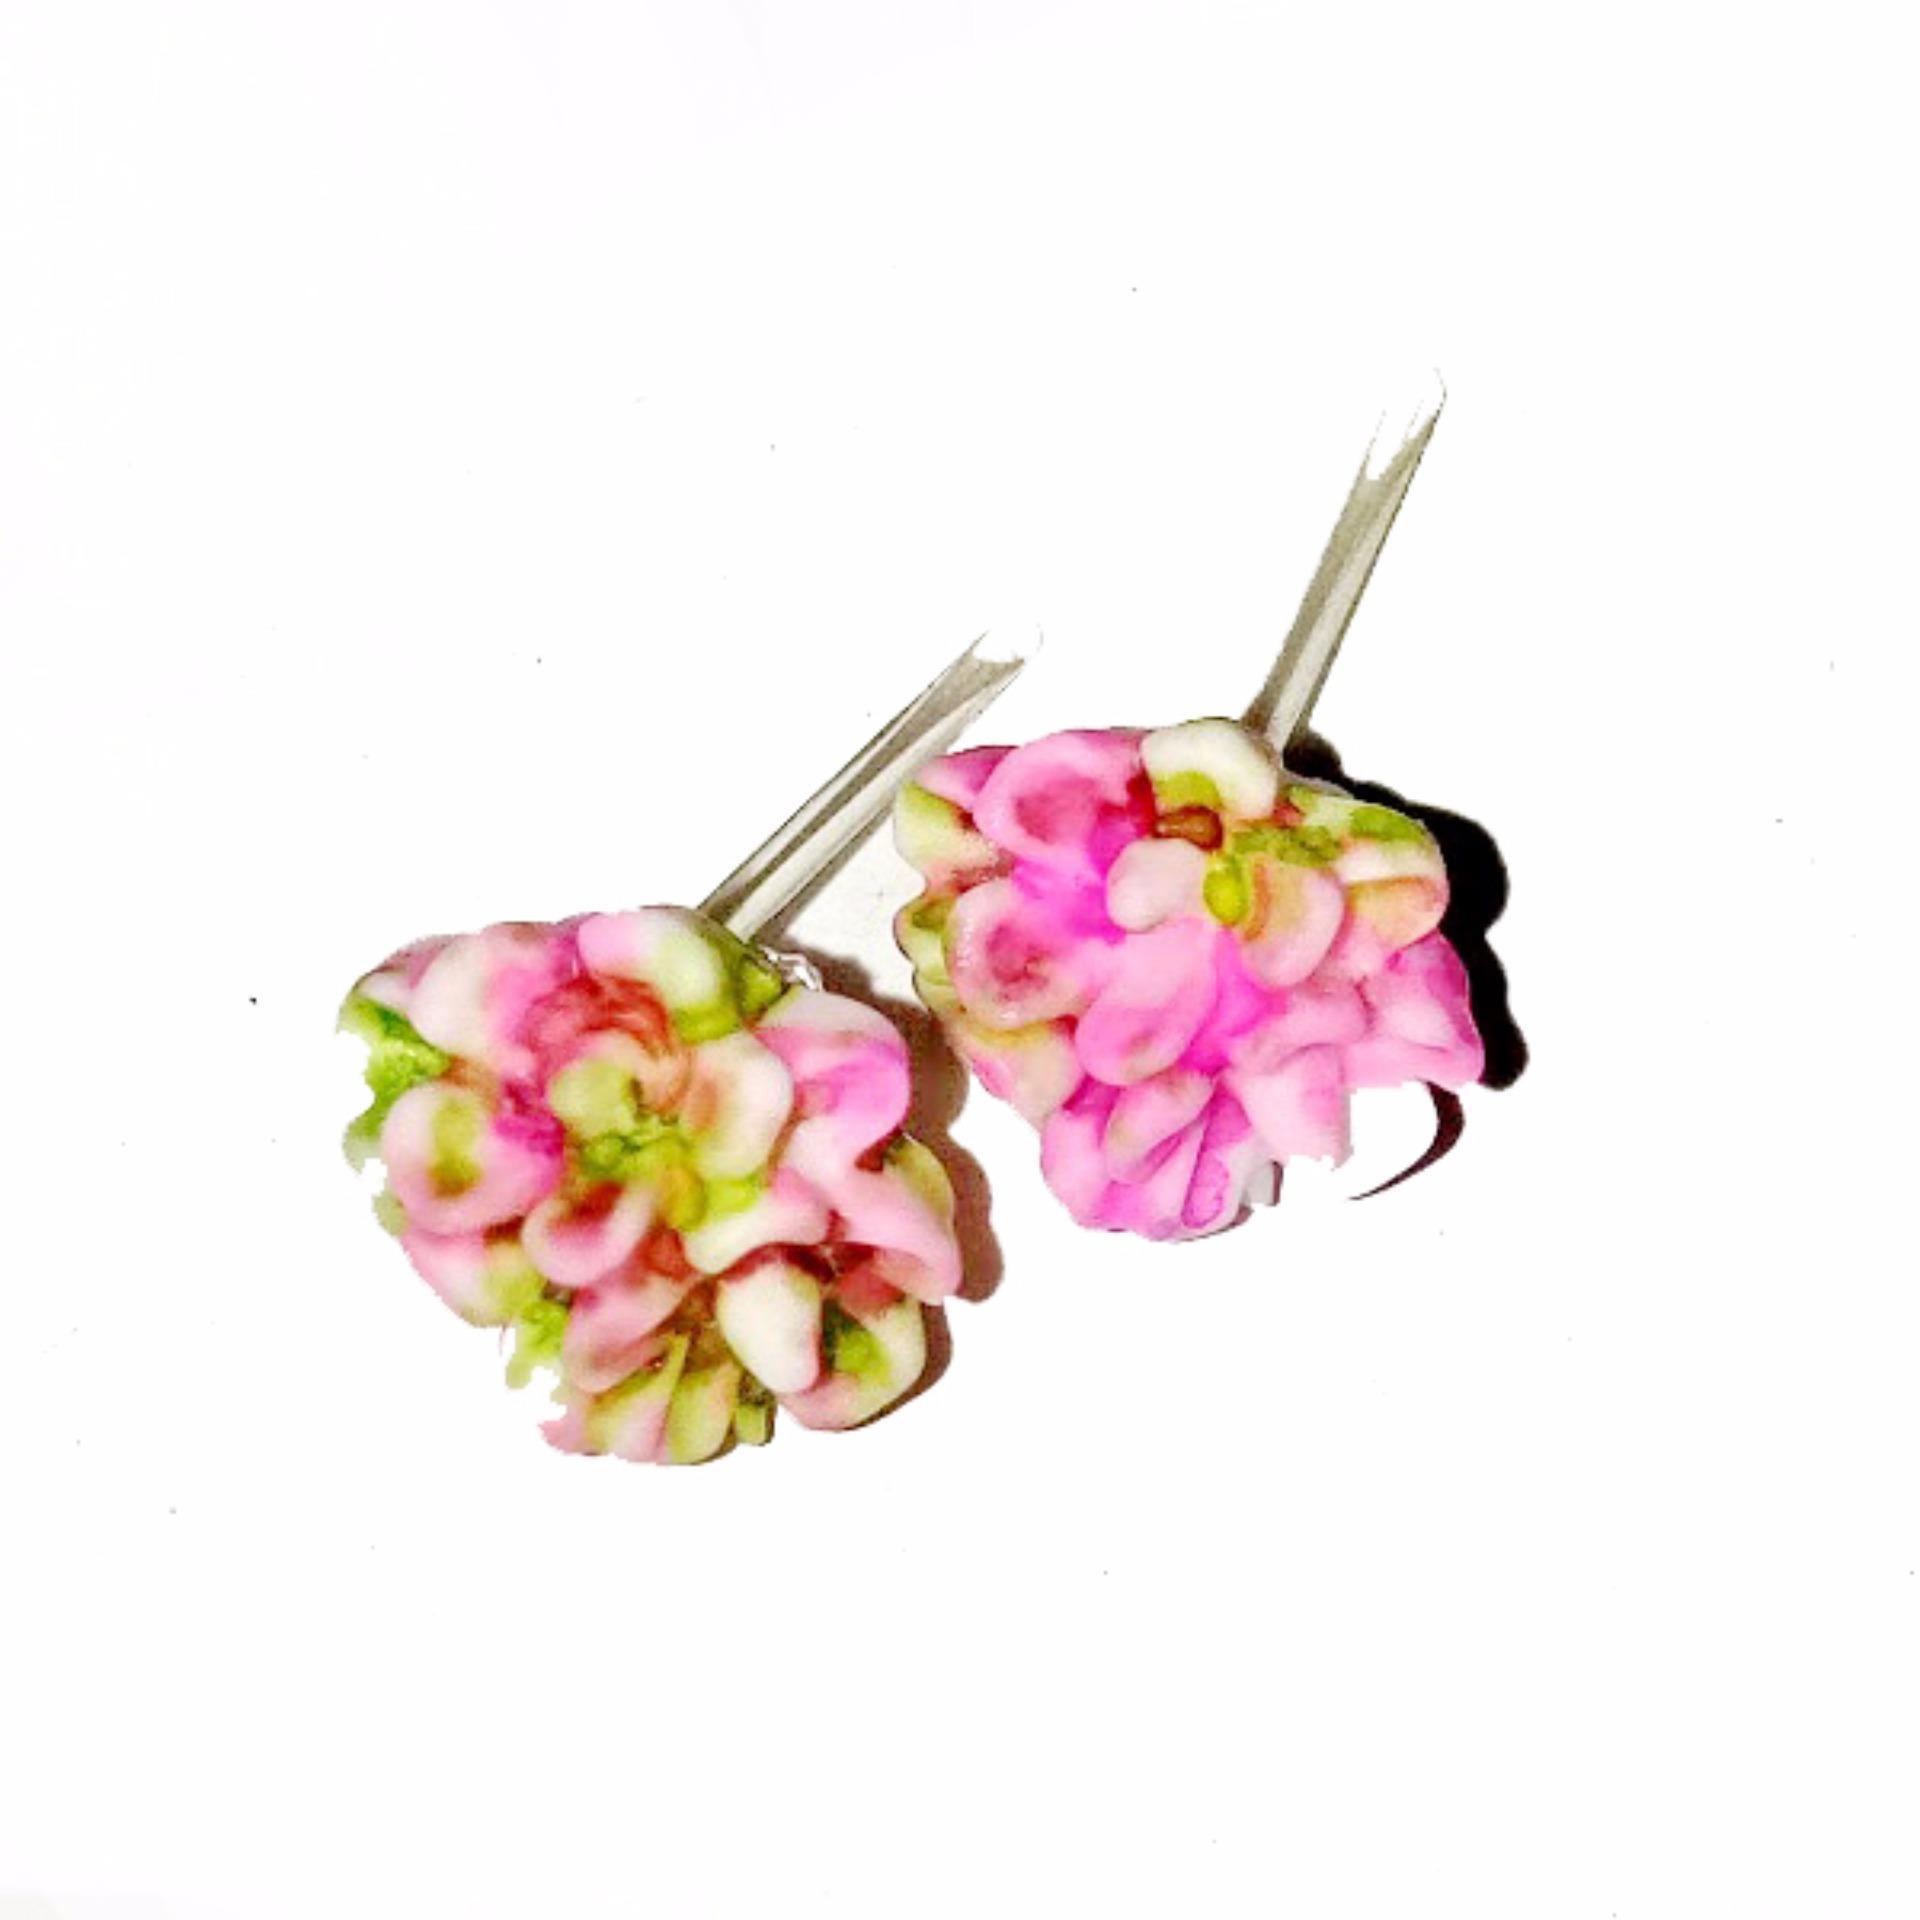 Anneui EE0334 Anting Tusuk Model Bunga Cantik Dengan Warna Mix